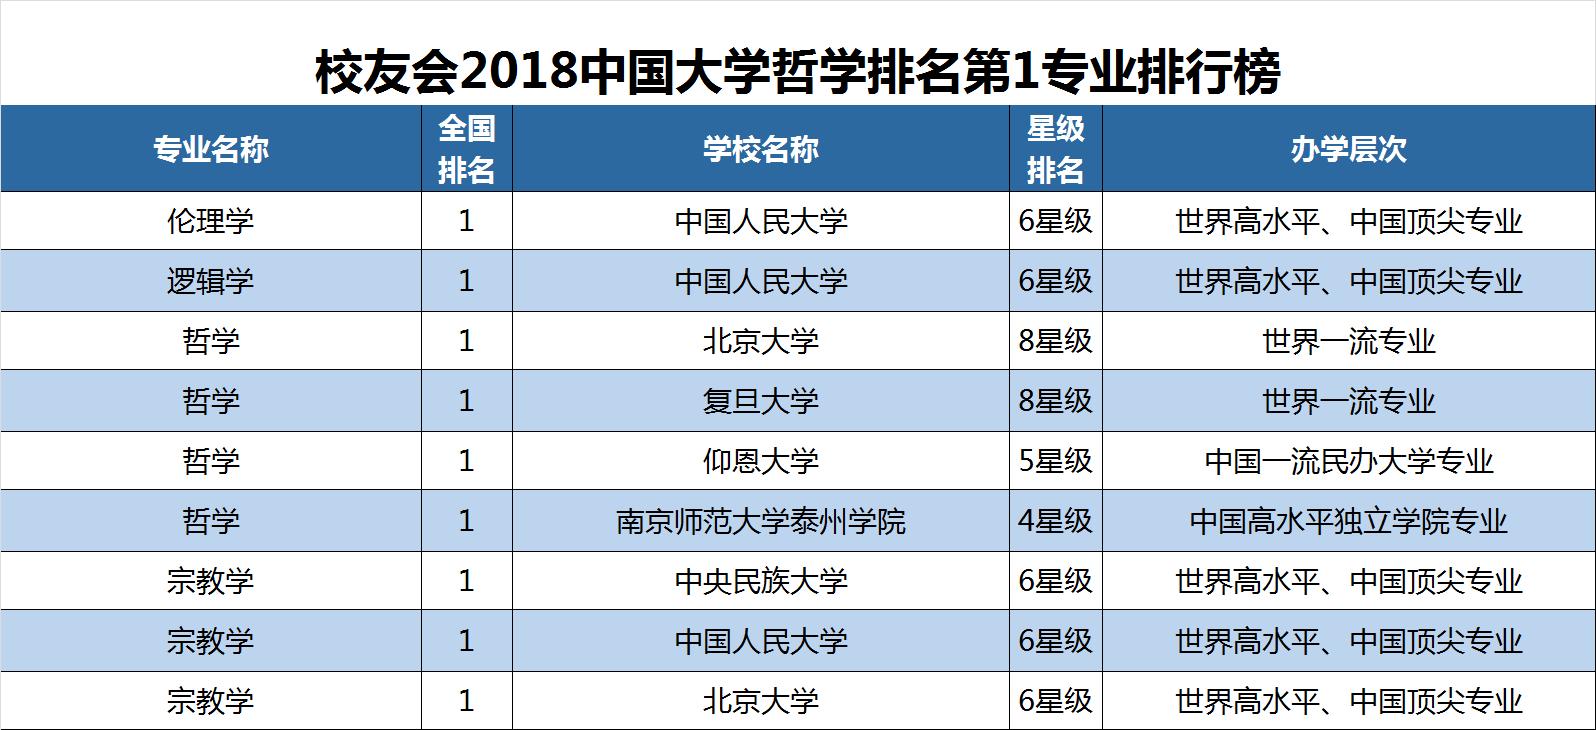 必赢亚洲366.net 14